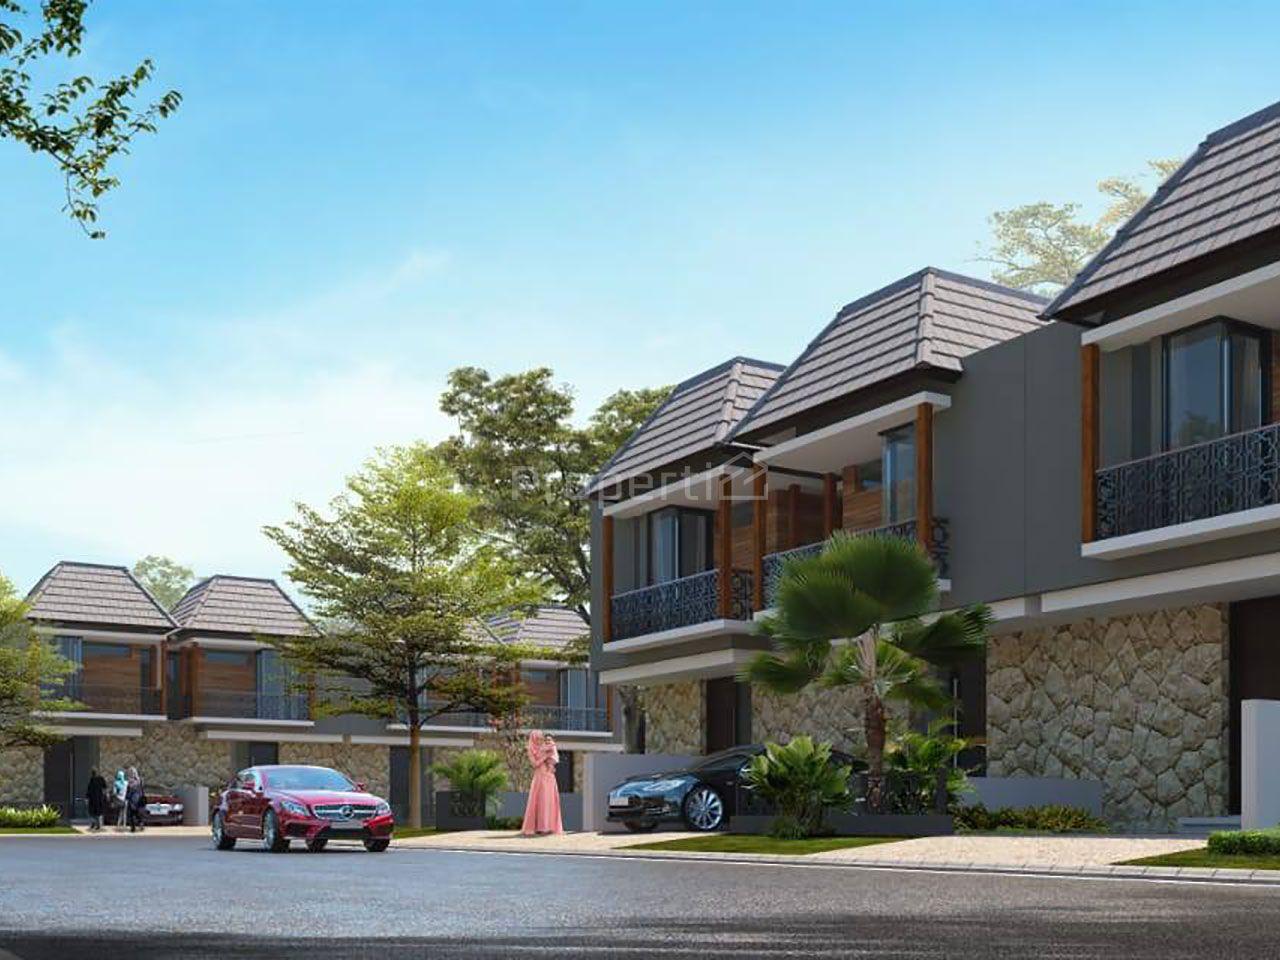 Rumah Modern dalam Hunian Islami di Kota Malang, Kota Malang